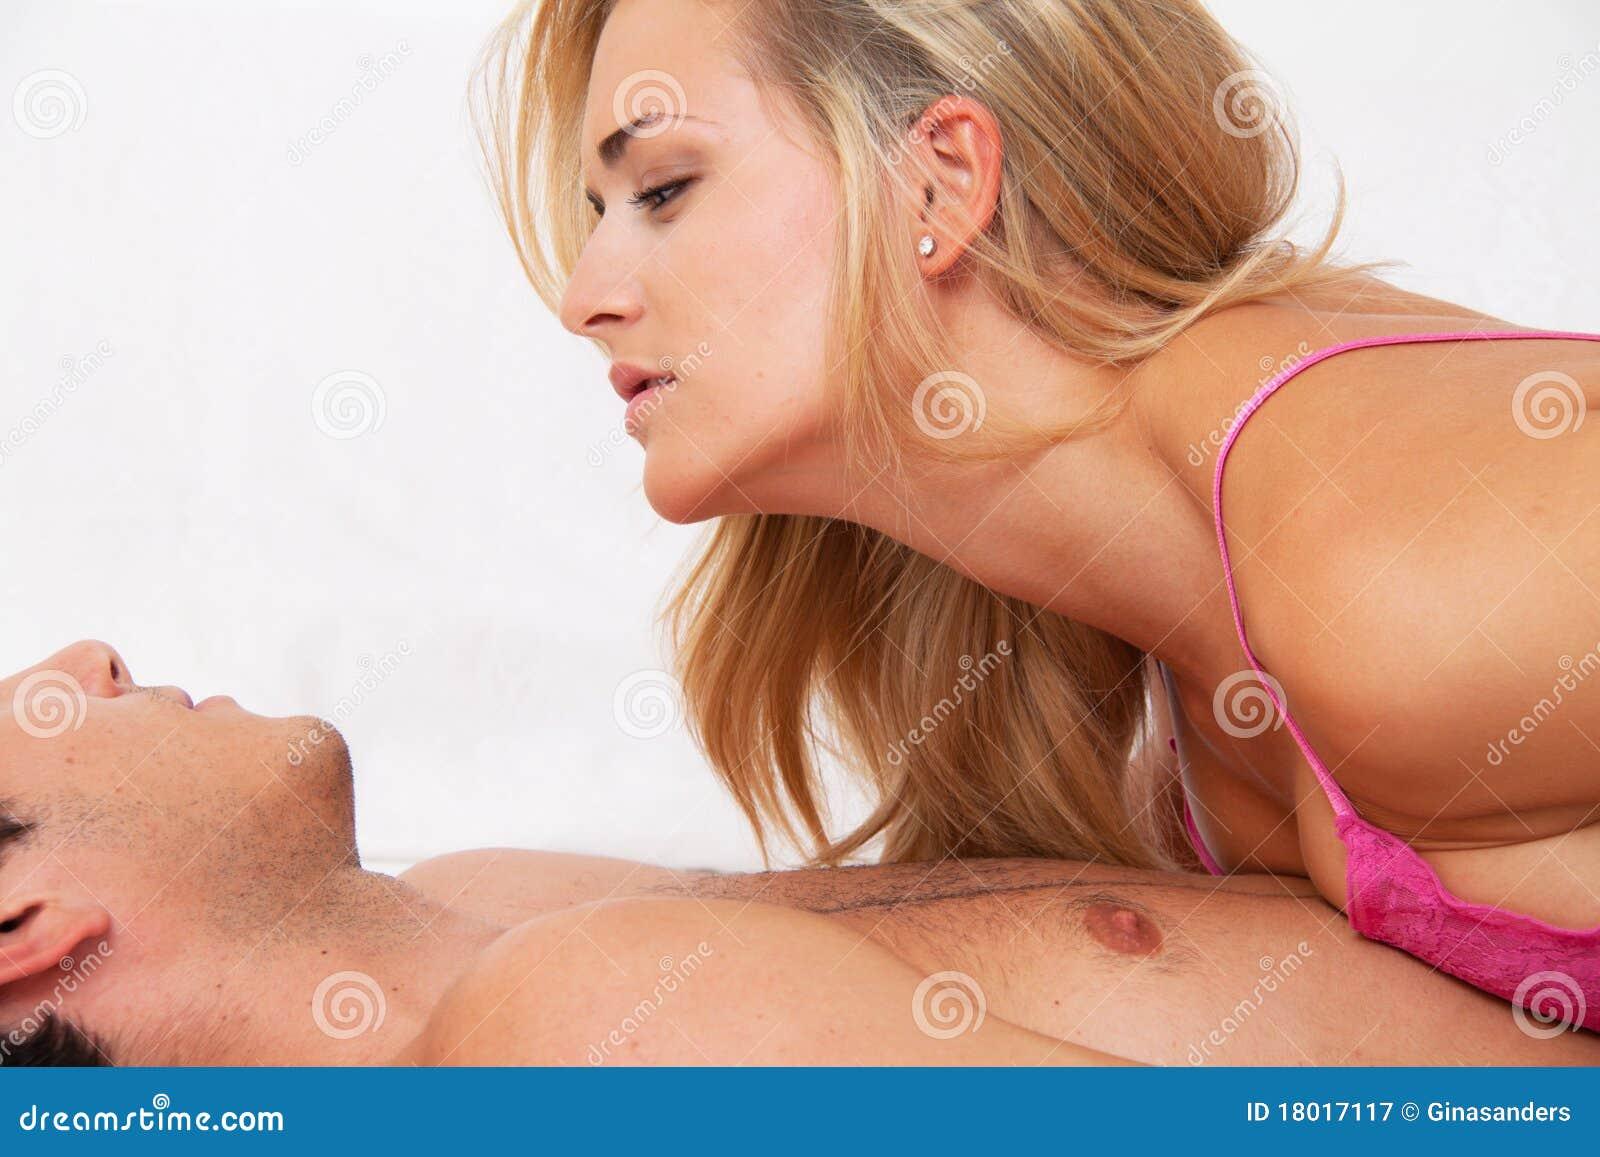 Lonley wife sex